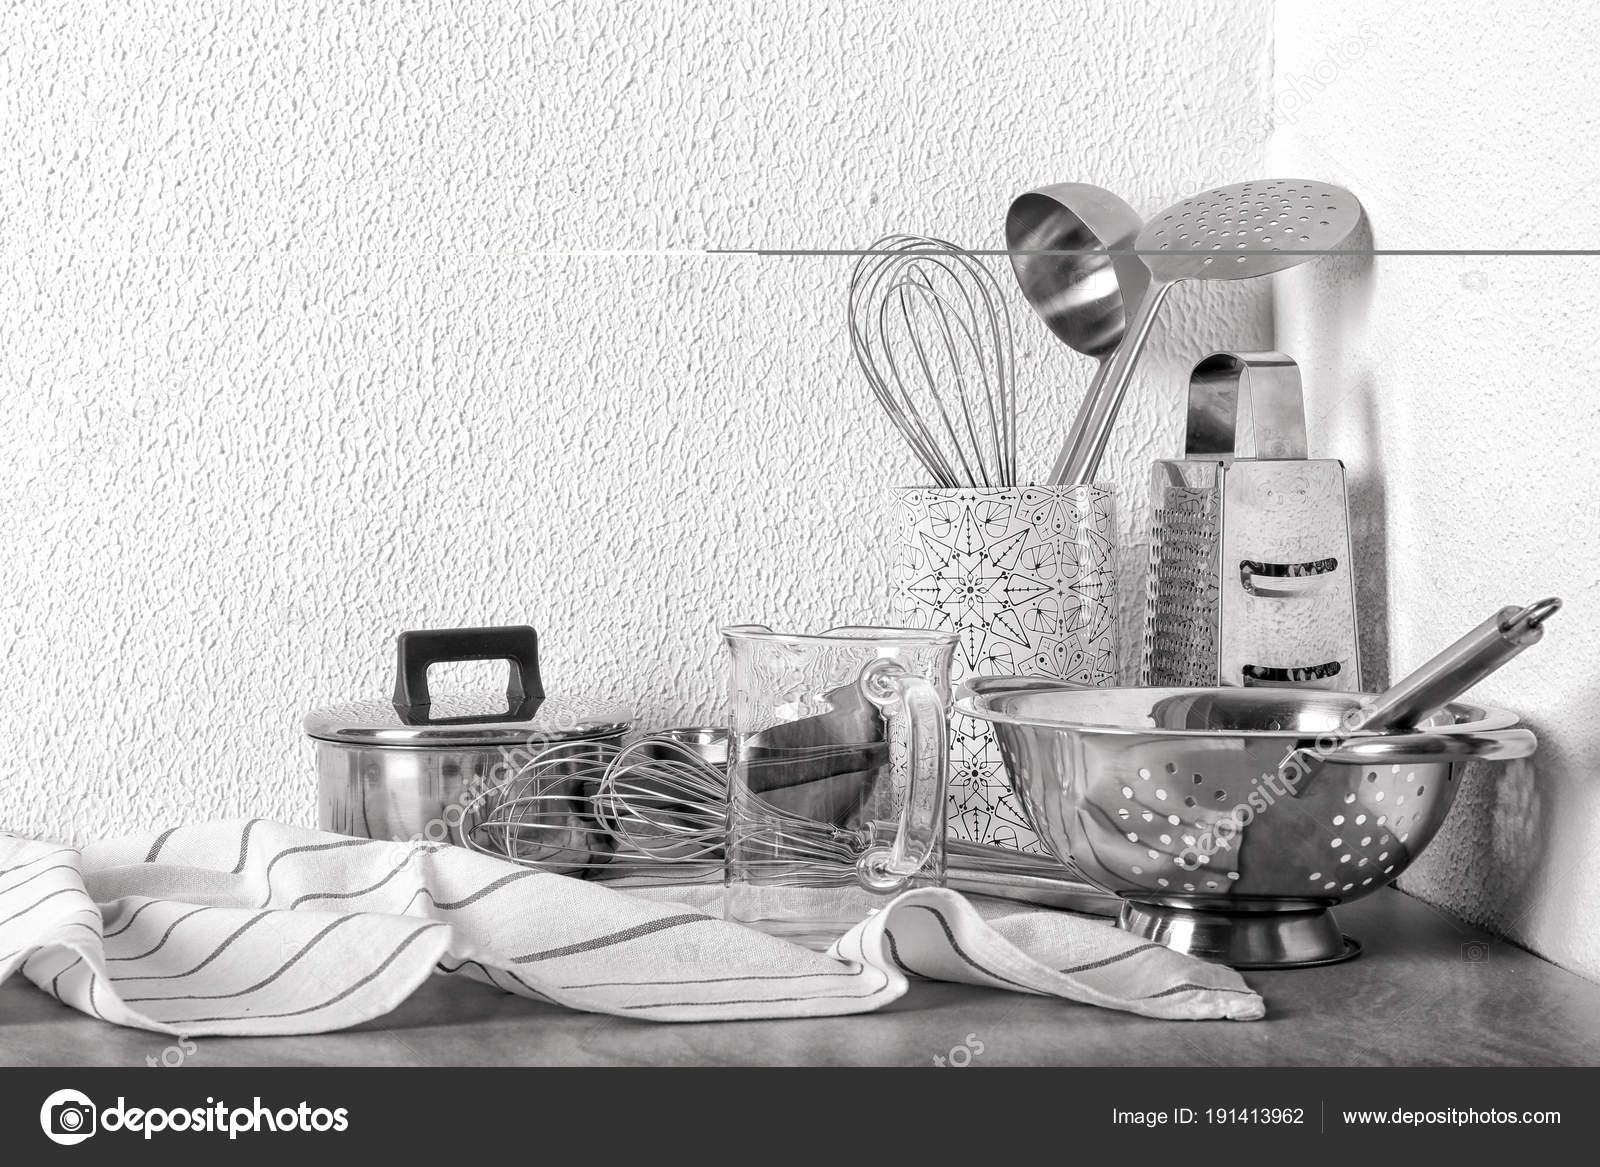 Accesorios de cocina en un cuarto de baño con la imagen de ...